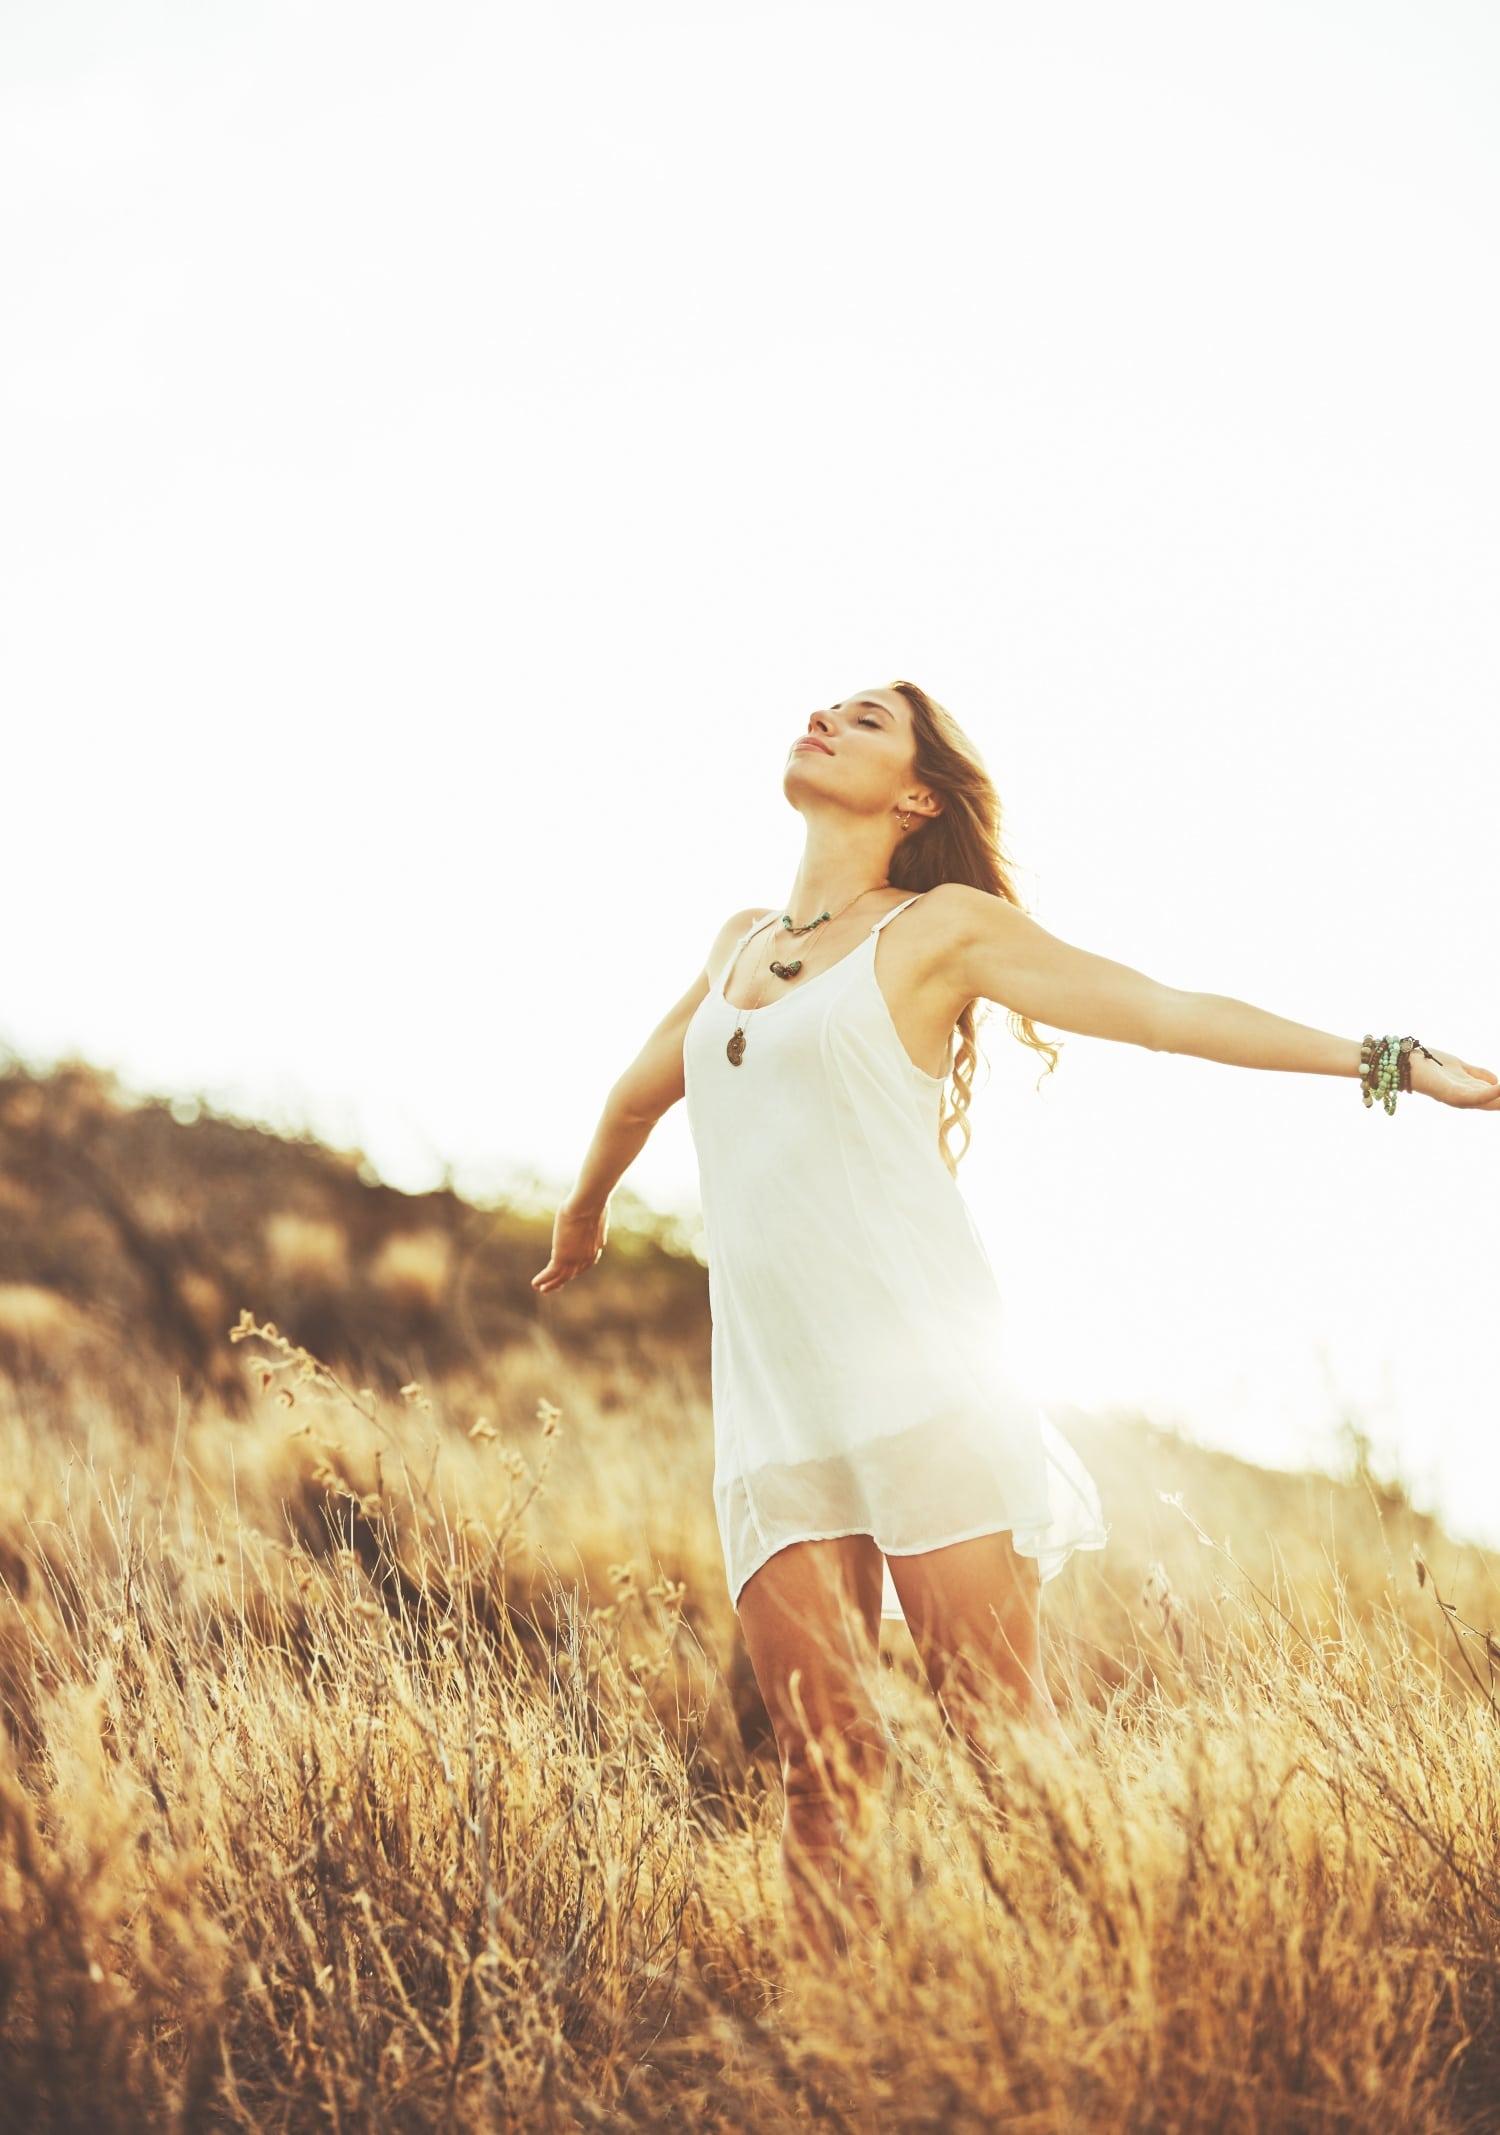 Így szabadulhatsz meg a szorongástól gyógyszerek nélkül